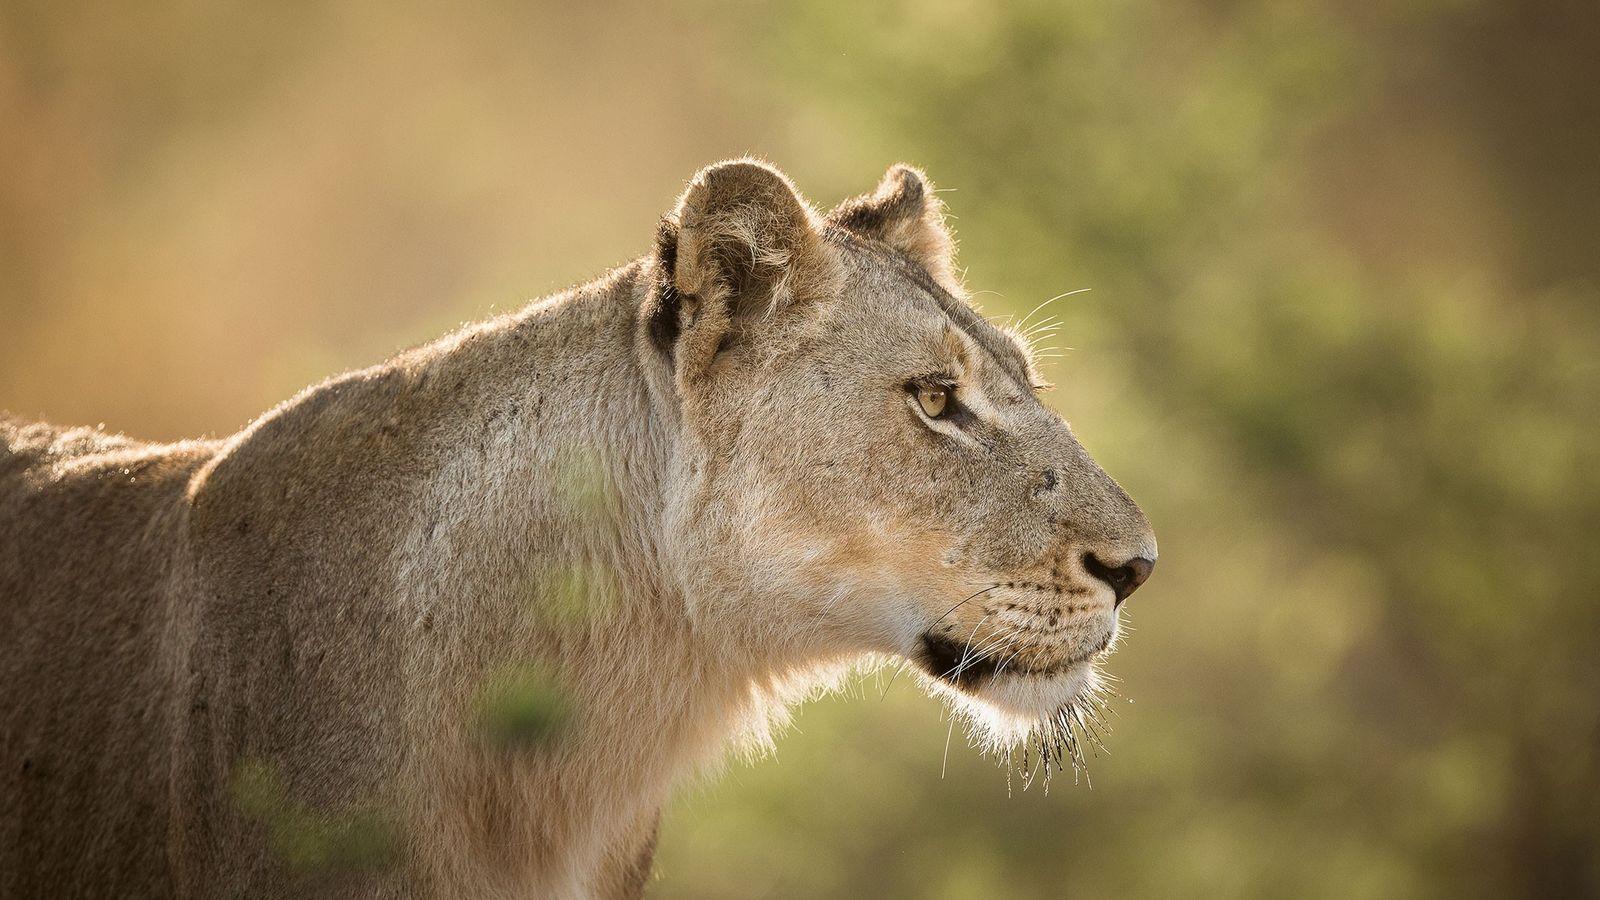 Ameaça aos leões está aumentando devido à crescente demanda por ossos, dentes, patas e outras partes ...